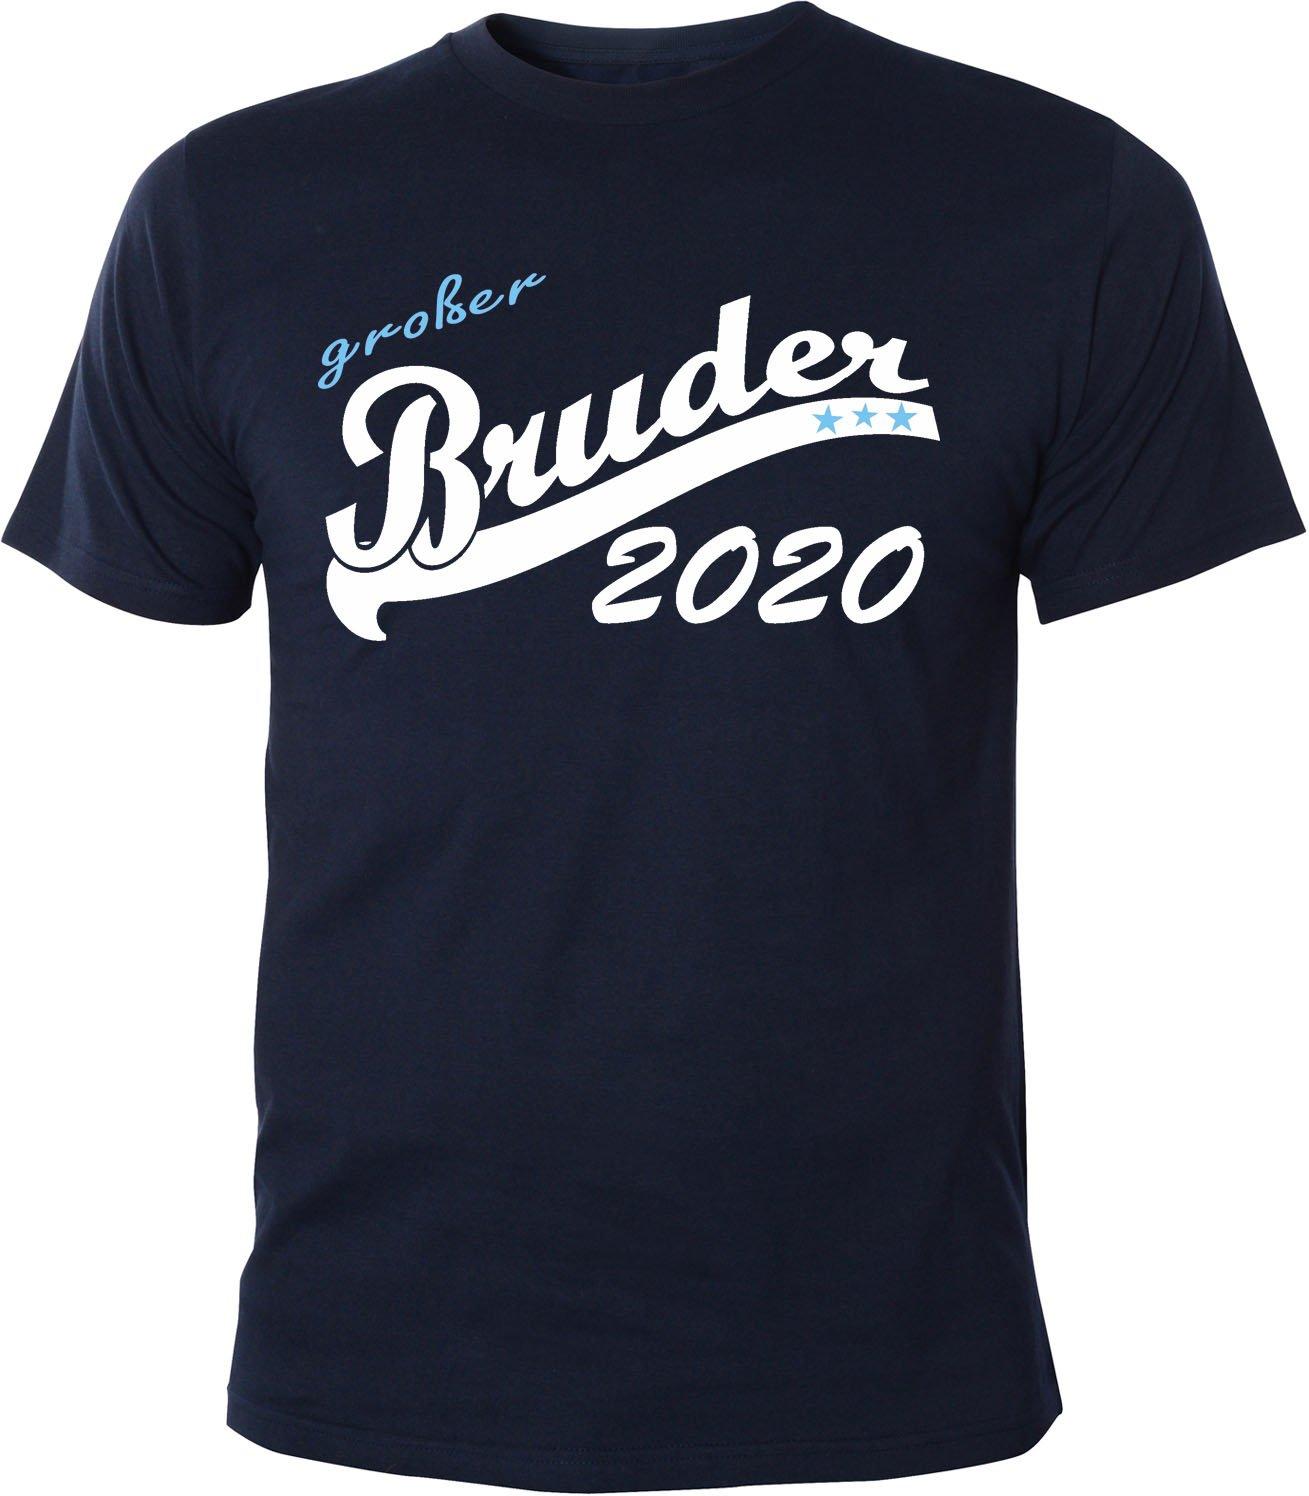 Mister Merchandise Herren Men T-Shirt Großer Bruder 2020 Tee Shirt Bedruckt:  Amazon.de: Bekleidung